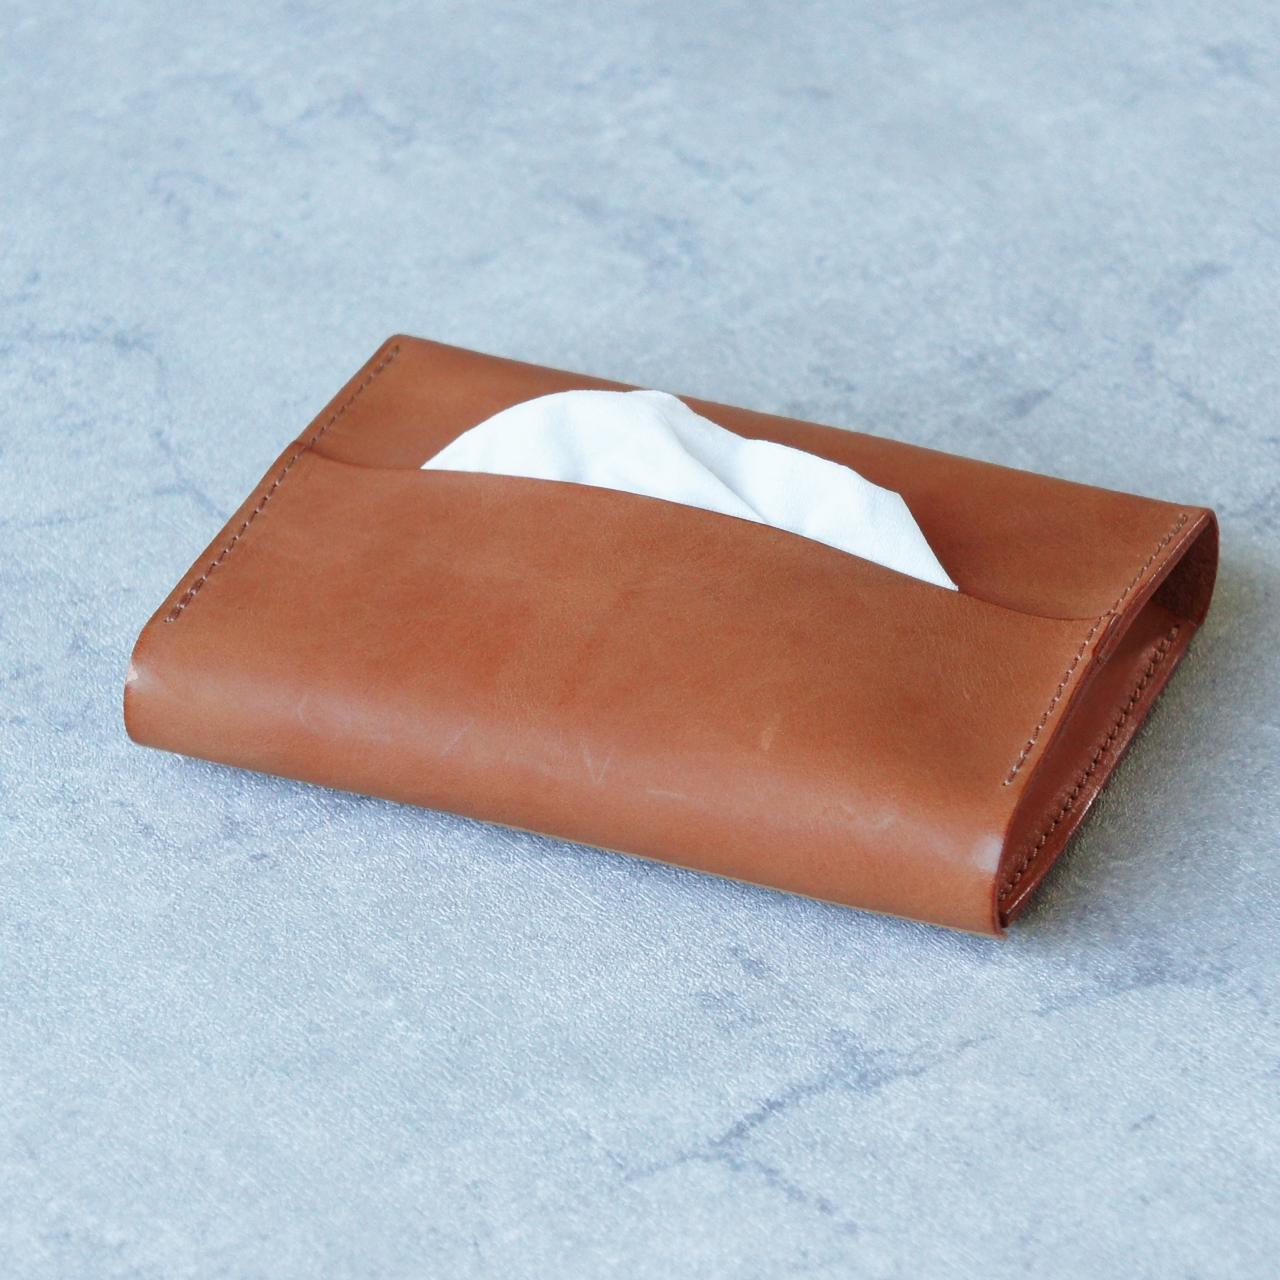 卓上本革ポケットティッシュケース【キャメル】(ティッシュ2個収納可)